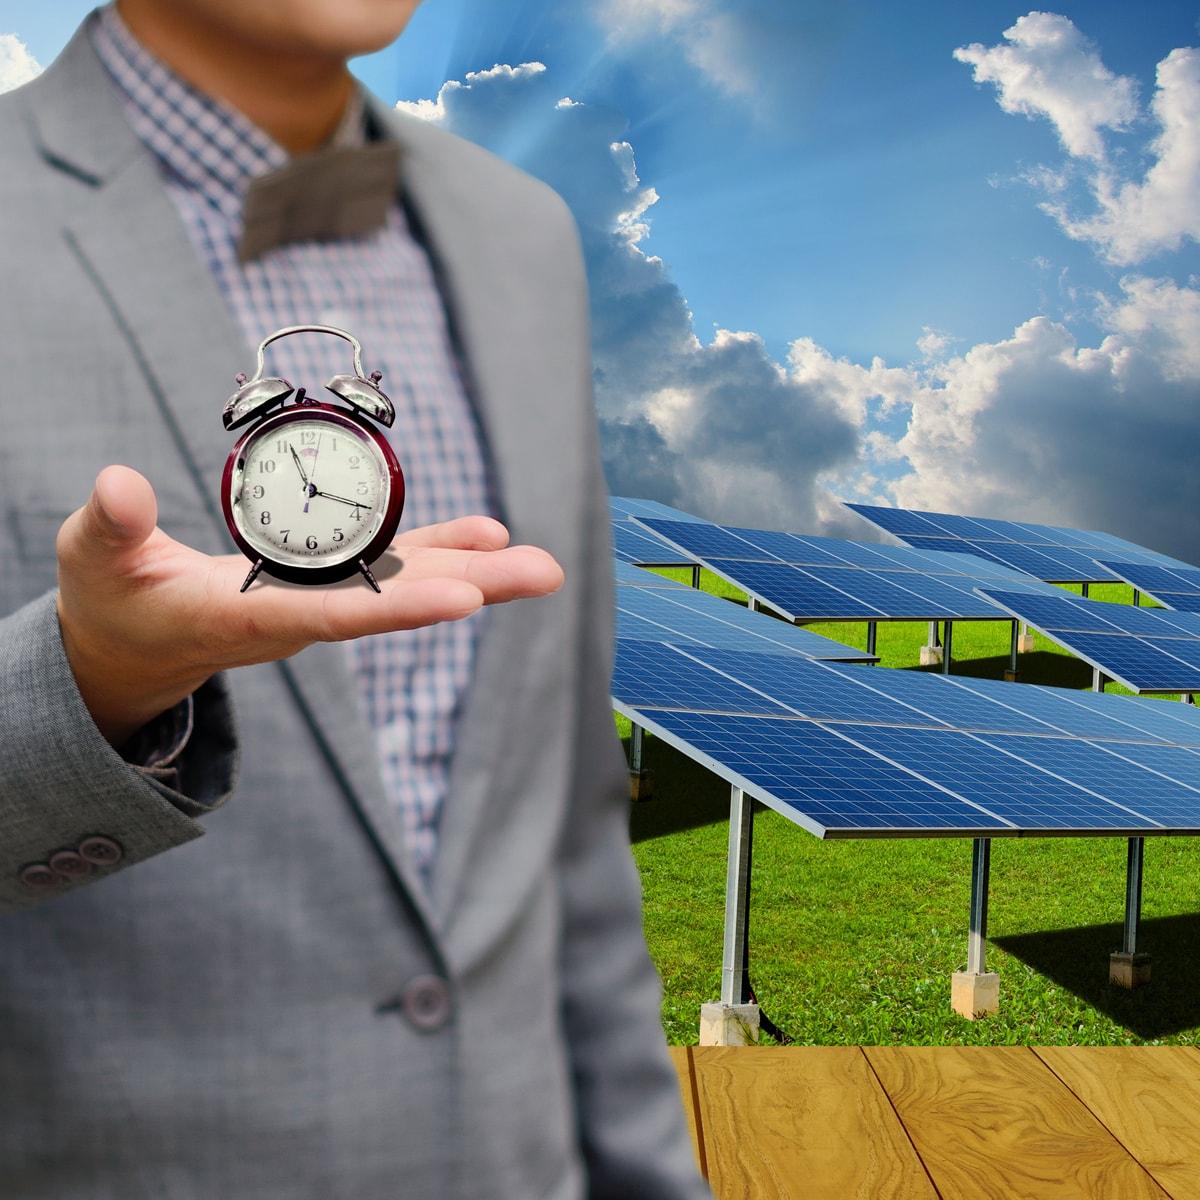 un uomo tiene un orologio in mano con lo sfondo un impianto fotovoltaico. Illustra che per avere un impianto attivo bisogna attendere i tempi di connessione e autorizzazione.